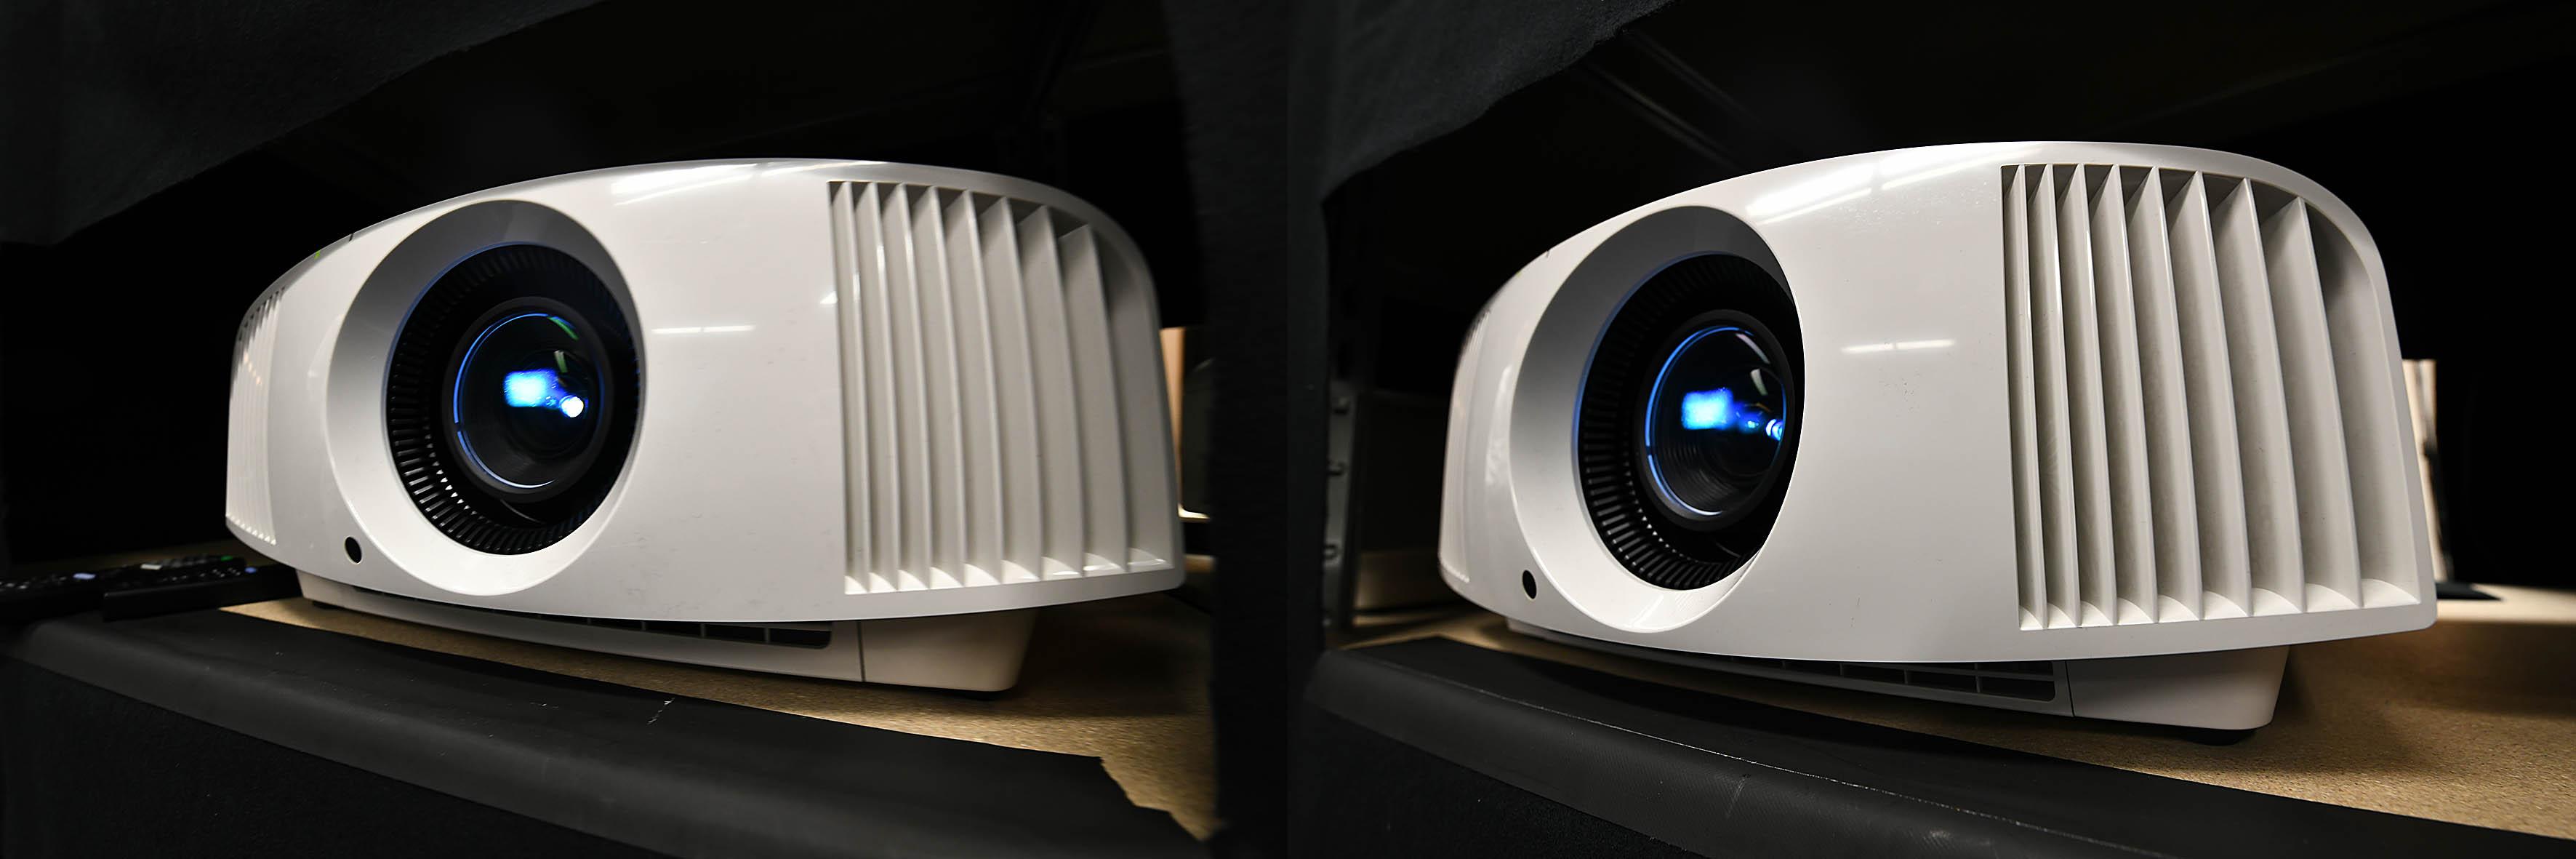 Foto: Michael B. Rehders Links Sony VPL-VW270 / Rechts Sony VPL-VW260 Wer genau hinschaut, erkennt unter dem Objektiv einen Lufteinsaug-Stutzen mit Gitter davor. Unter dem Gitter ist der neue Sony VPL-VW270 einen Zentimeter tiefer. Diese kleine Designänderung ermöglicht es laut Sony, dass nun das neue 4K-Board mit Motionflow auch für 4K genutzt werden kann, weil die Kühlung durch die bauliche Veränderung gewährleistet ist.